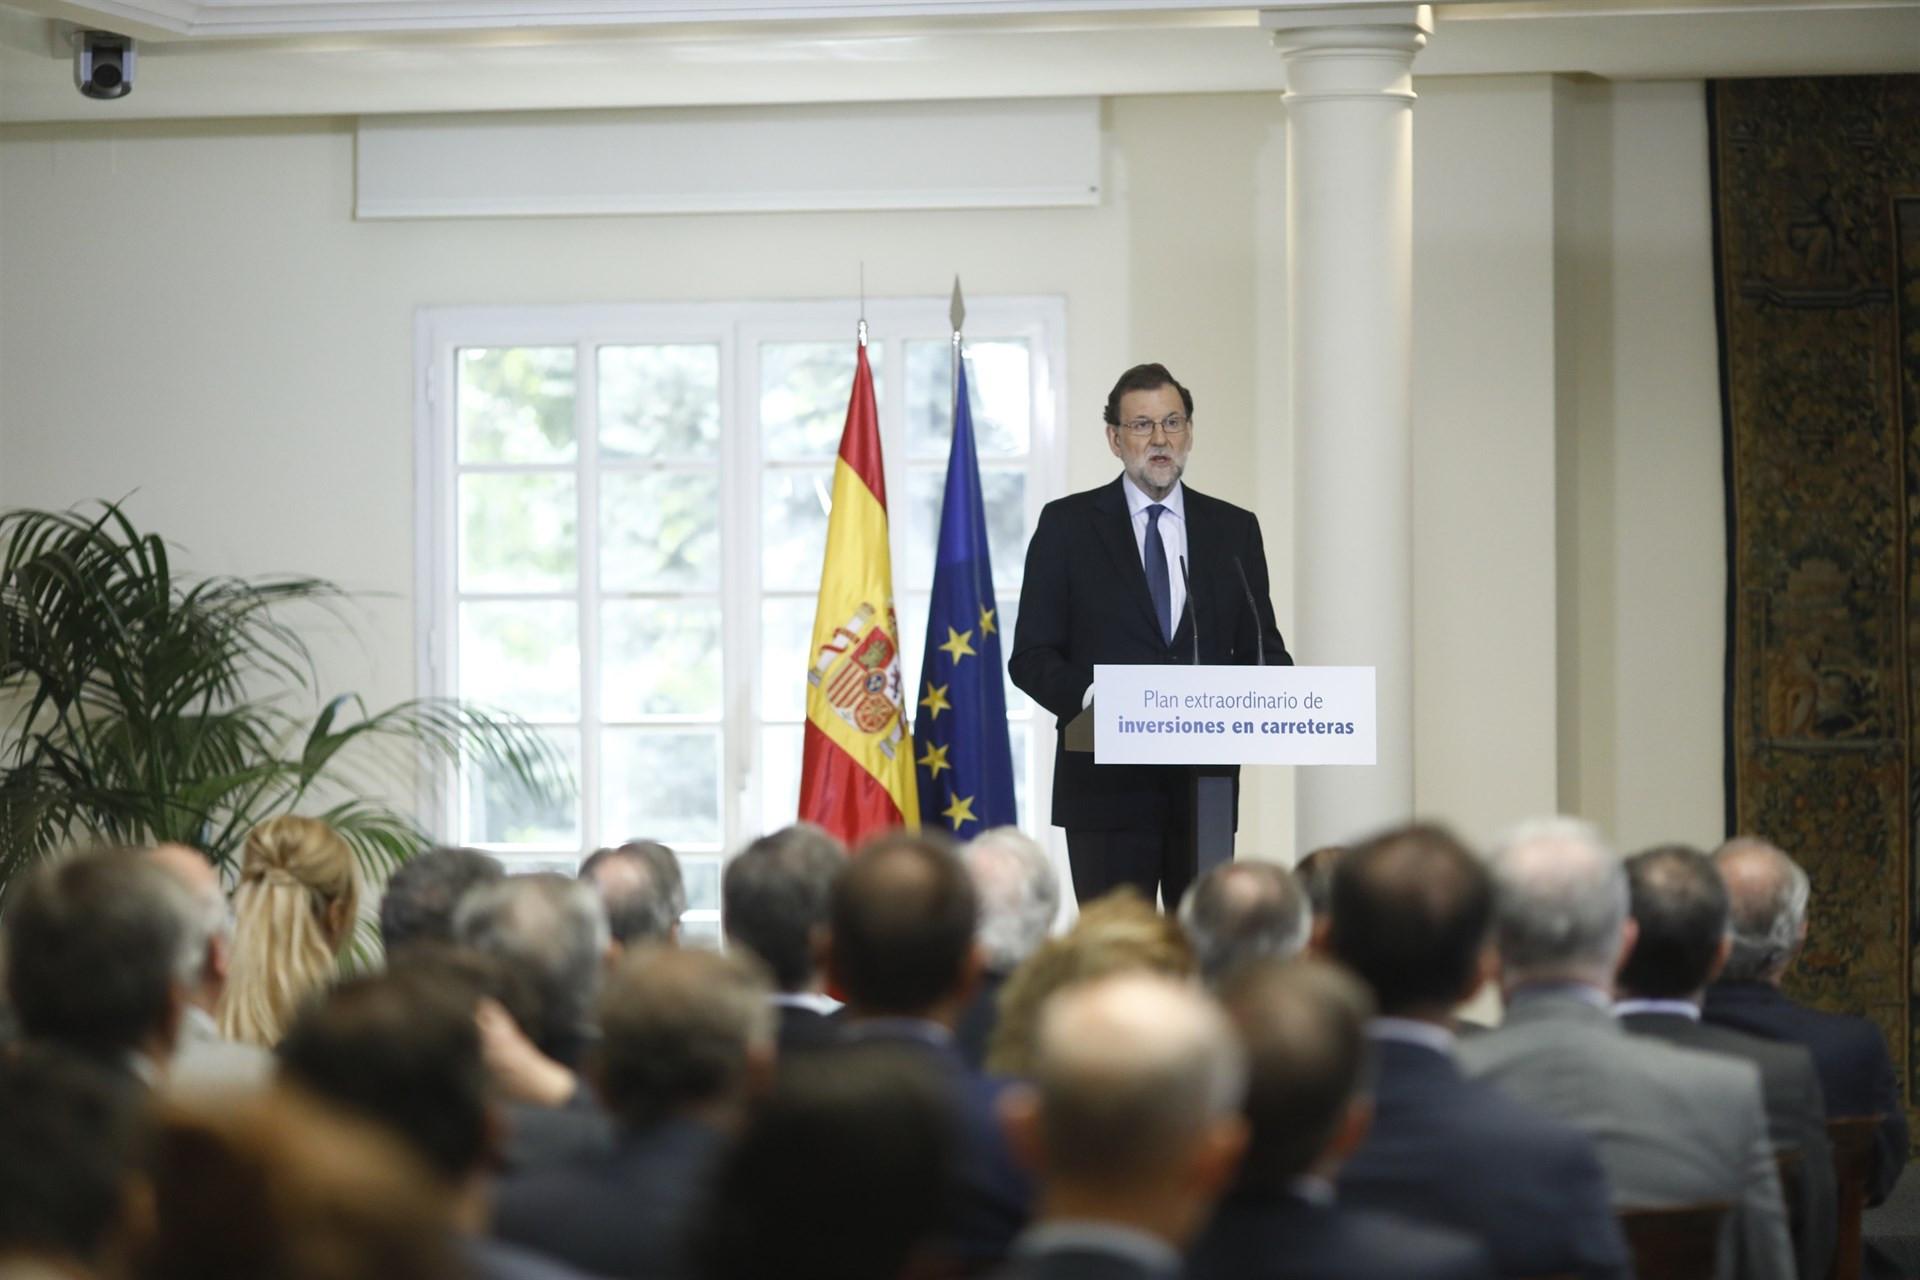 Rajoy presenta plan extraordinario inversiones carreteras